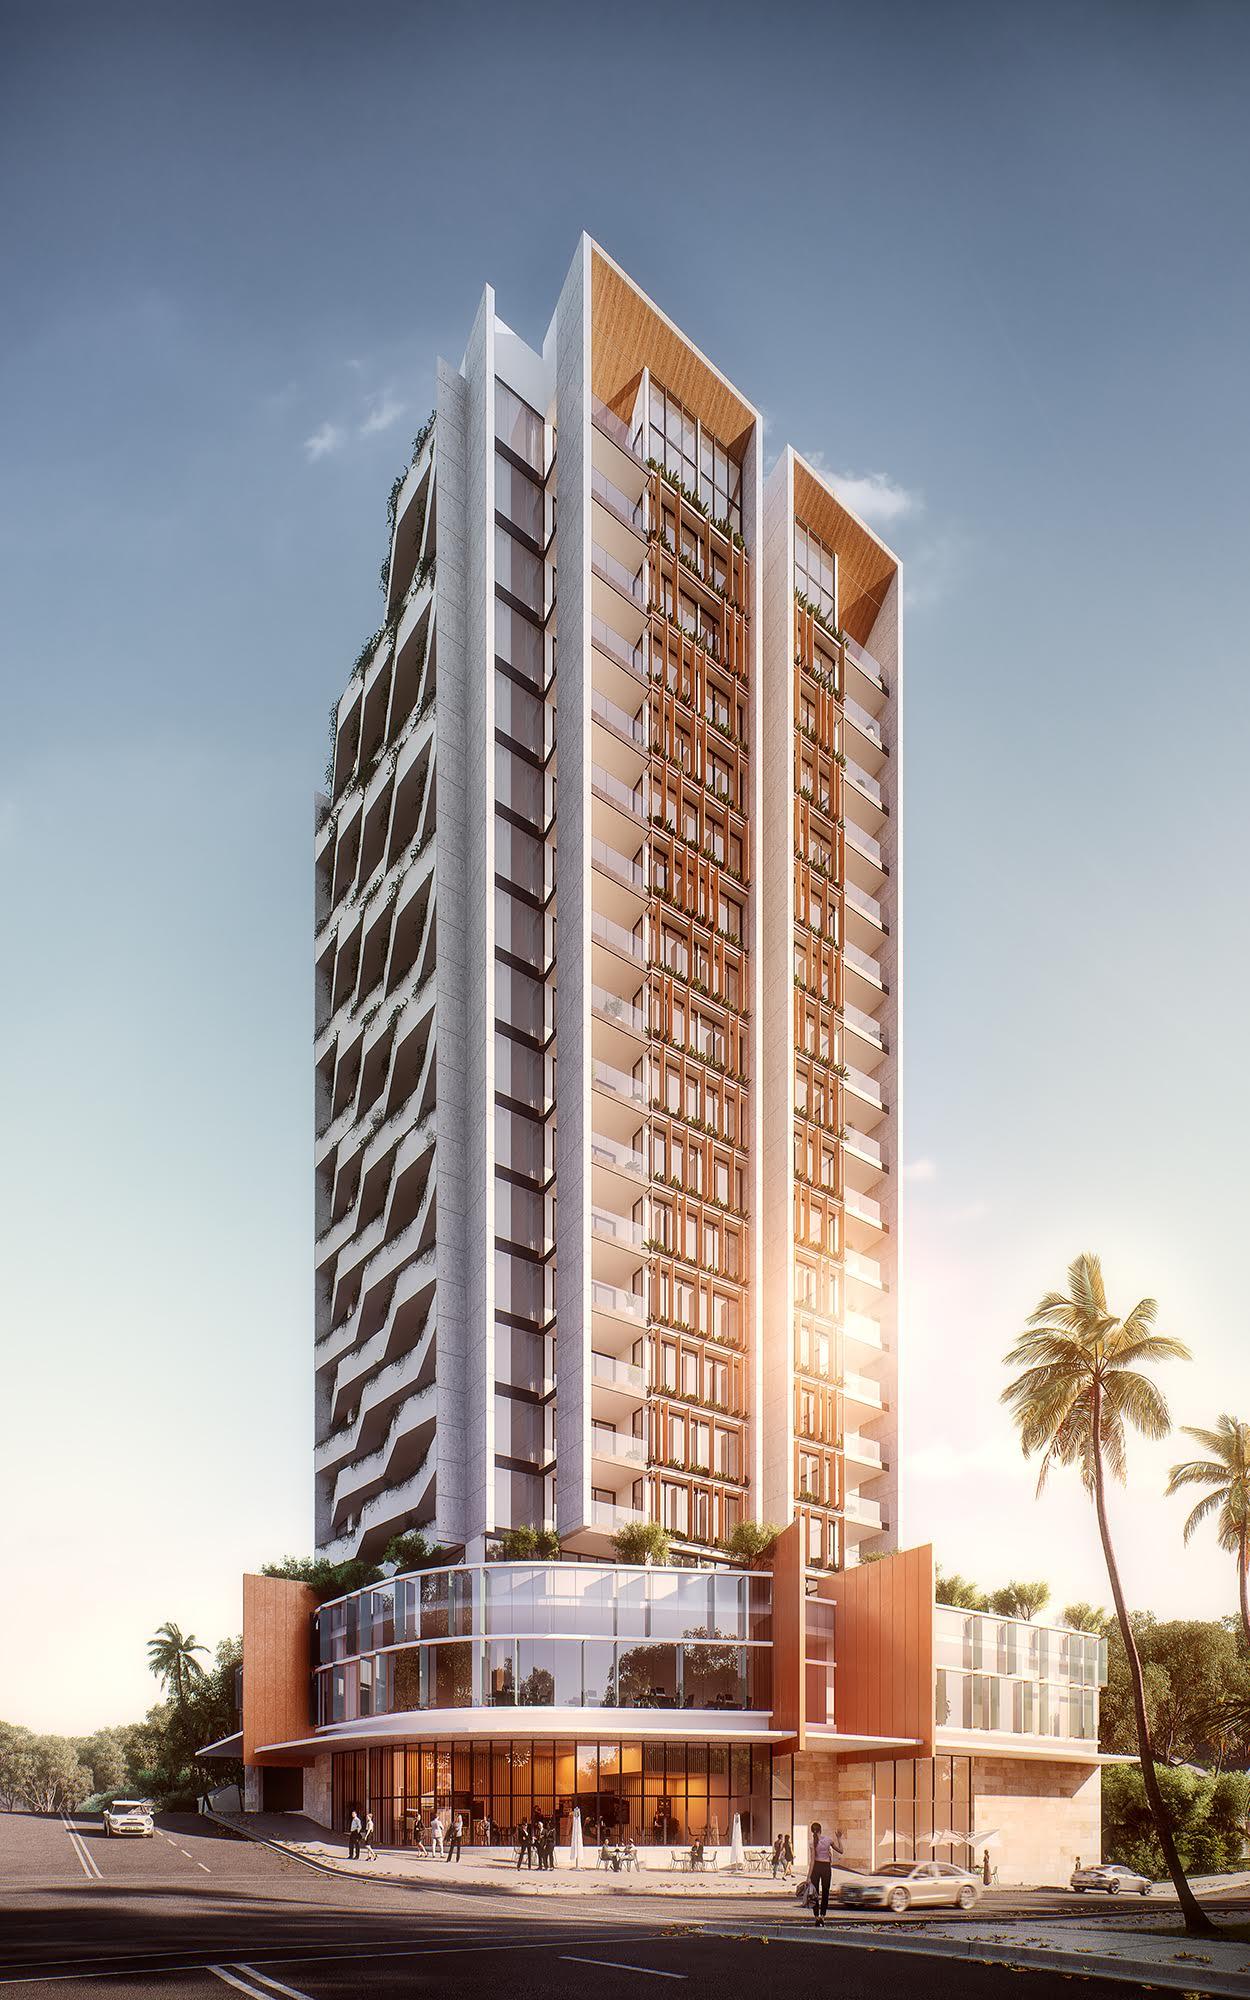 市中心住宅与商业一体化的高层开发项目